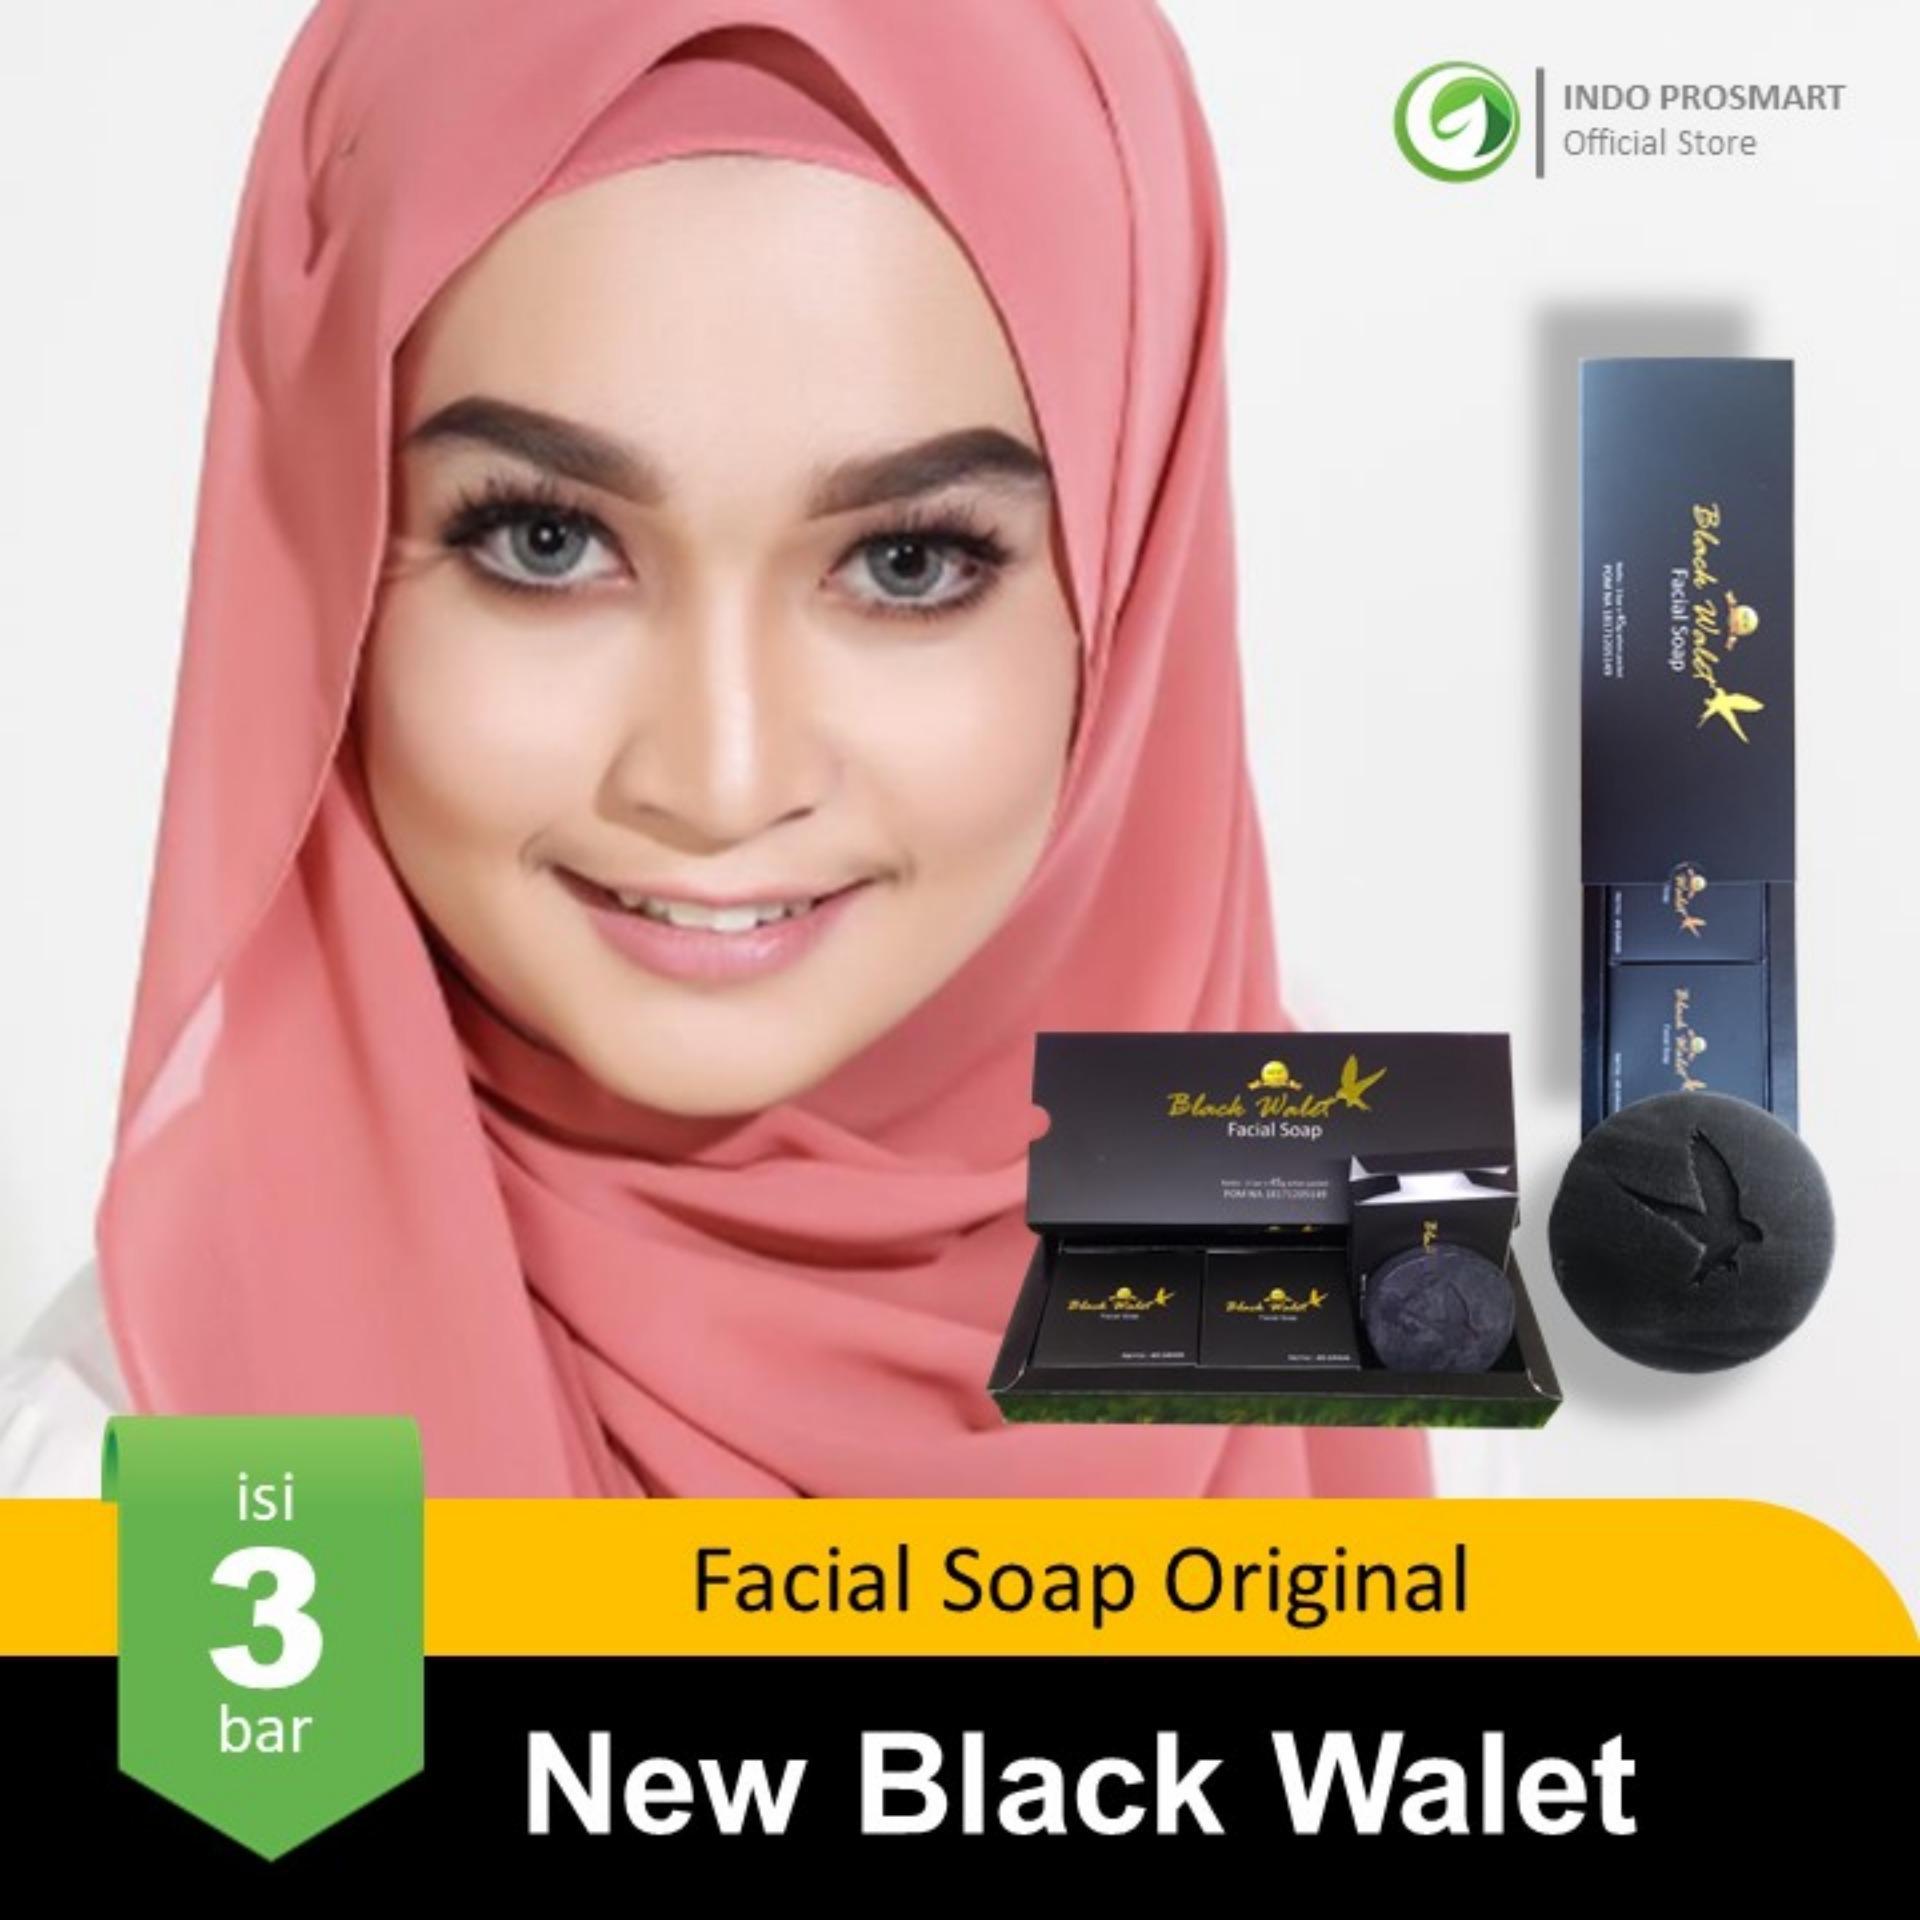 [1 Paket Isi 3 Bar] New Black Walet Facial Soap Original Sabun